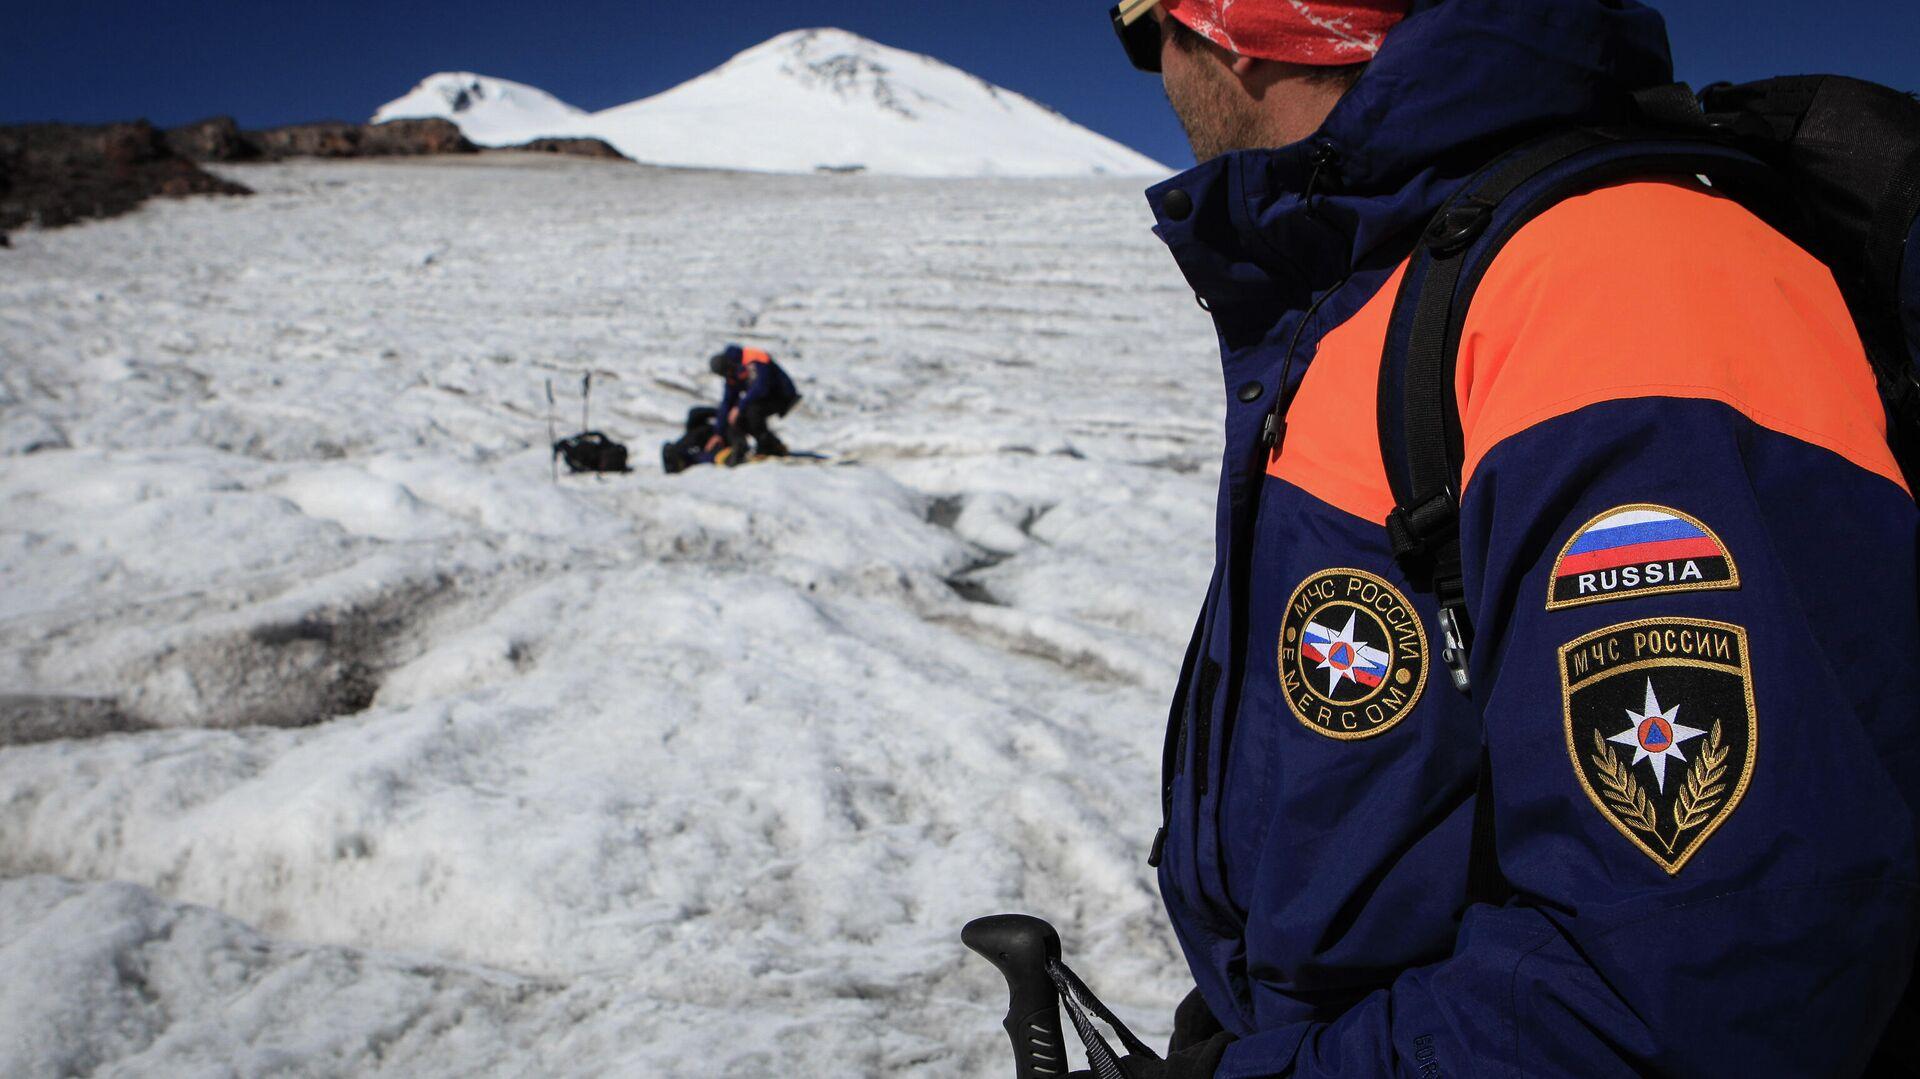 1563283103 0:161:3071:1888 1920x0 80 0 0 758fd96bd5ce27c223af7ba53b5fe096 - Спасатели ищут двух заблудившихся на Эльбрусе альпинистов